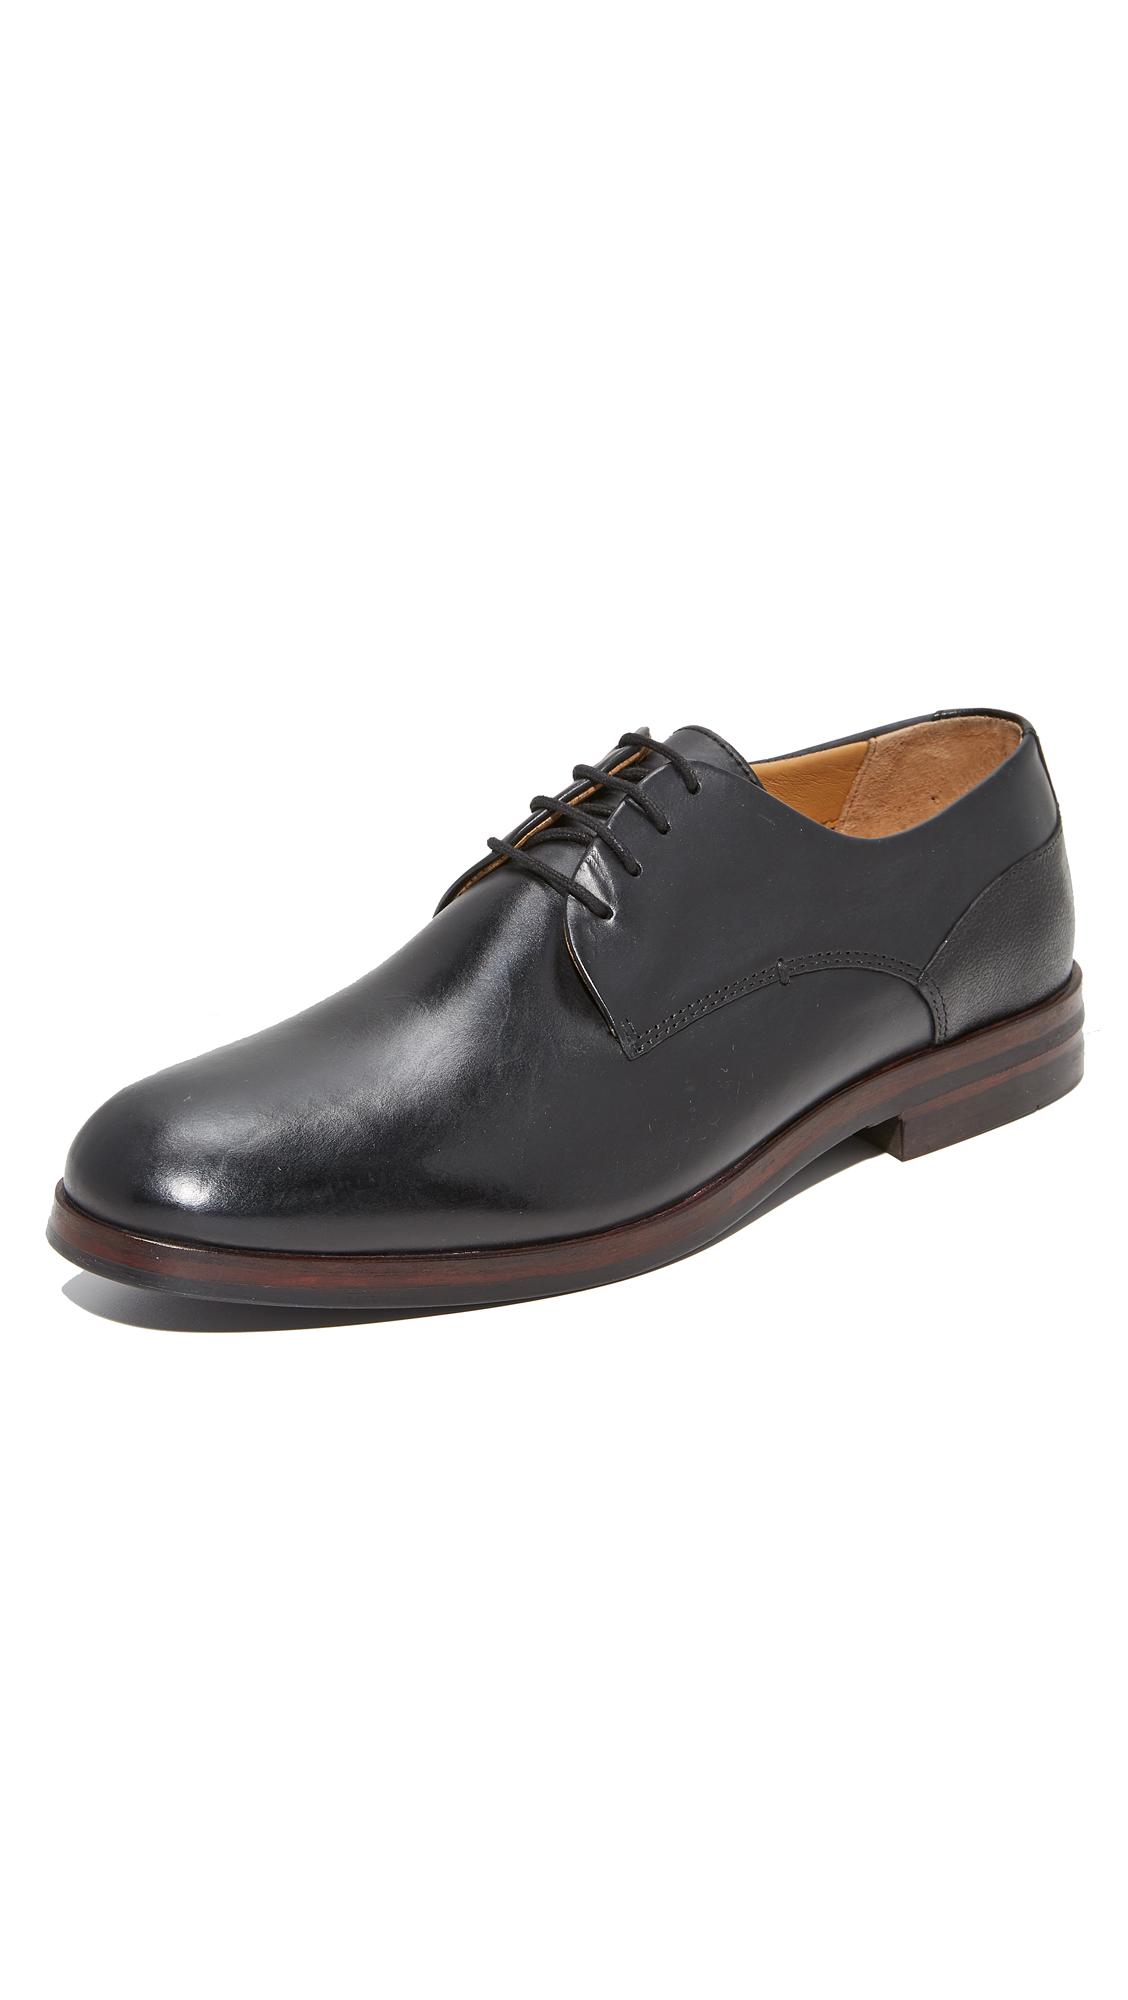 Hudson London Enrico Plain Toe Lace Up Oxfords